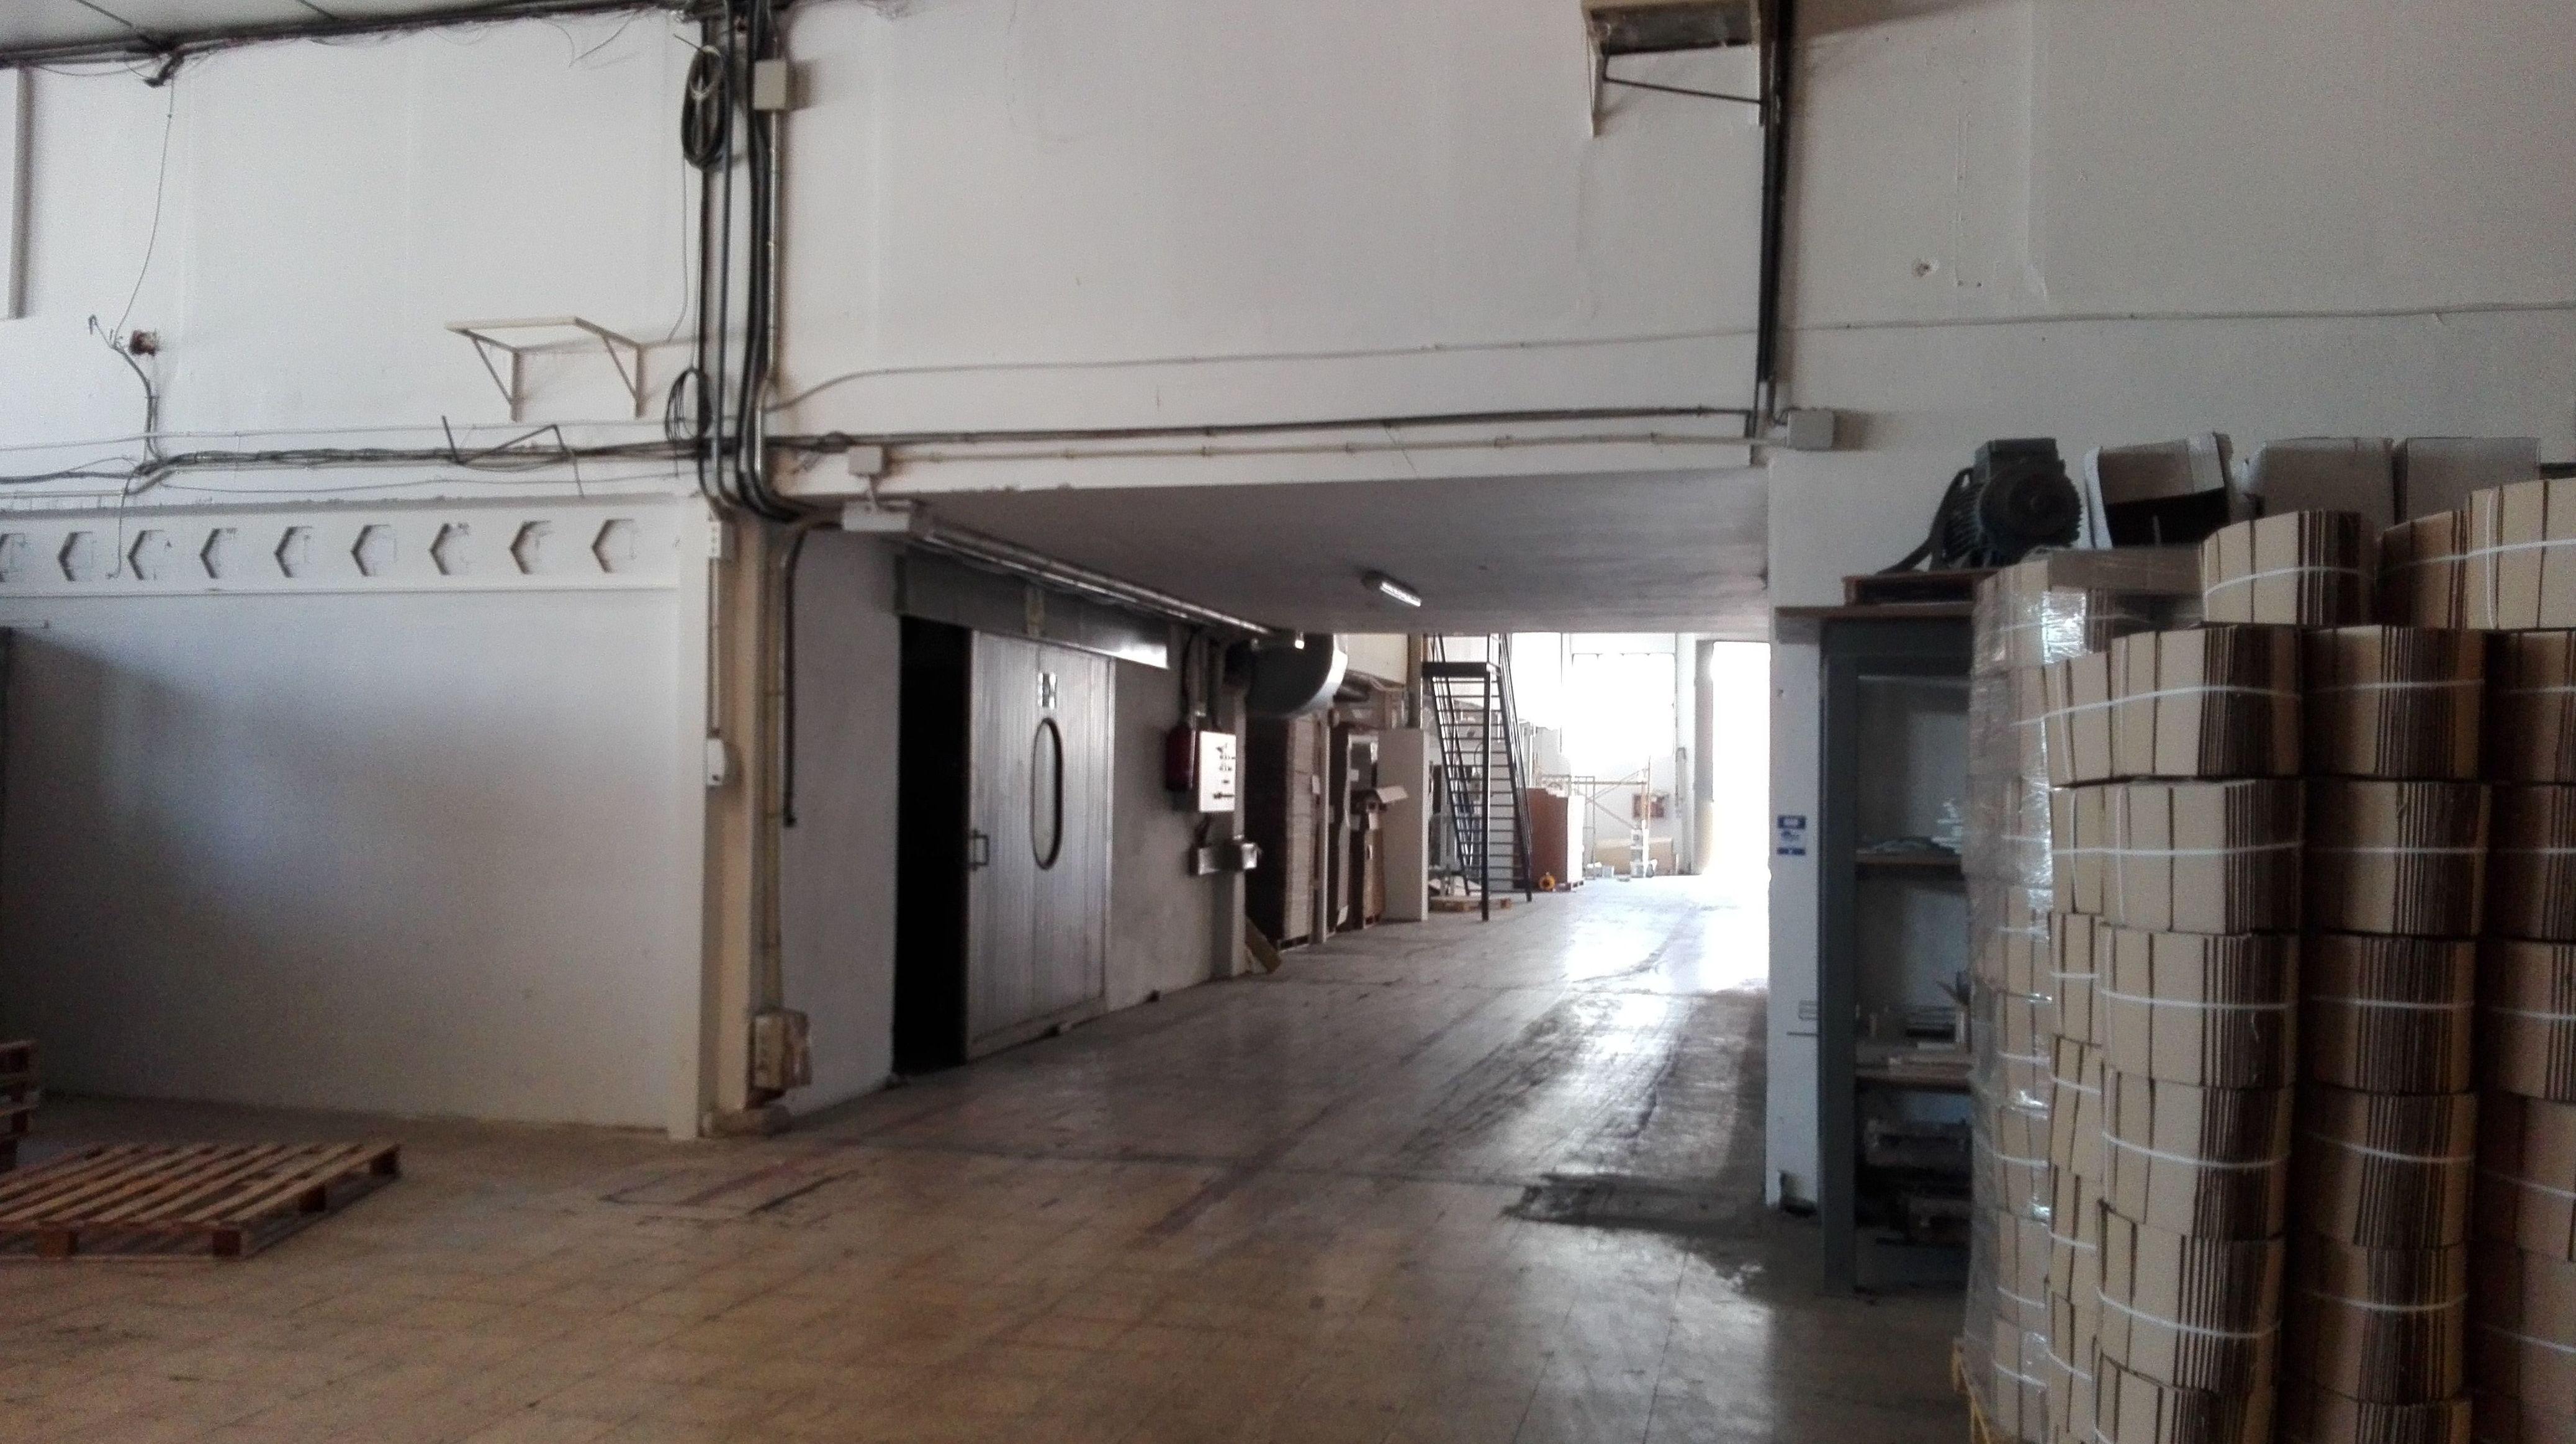 Preparación de hueco para instalación de puerta corredera cortafuegos de 1 hoja